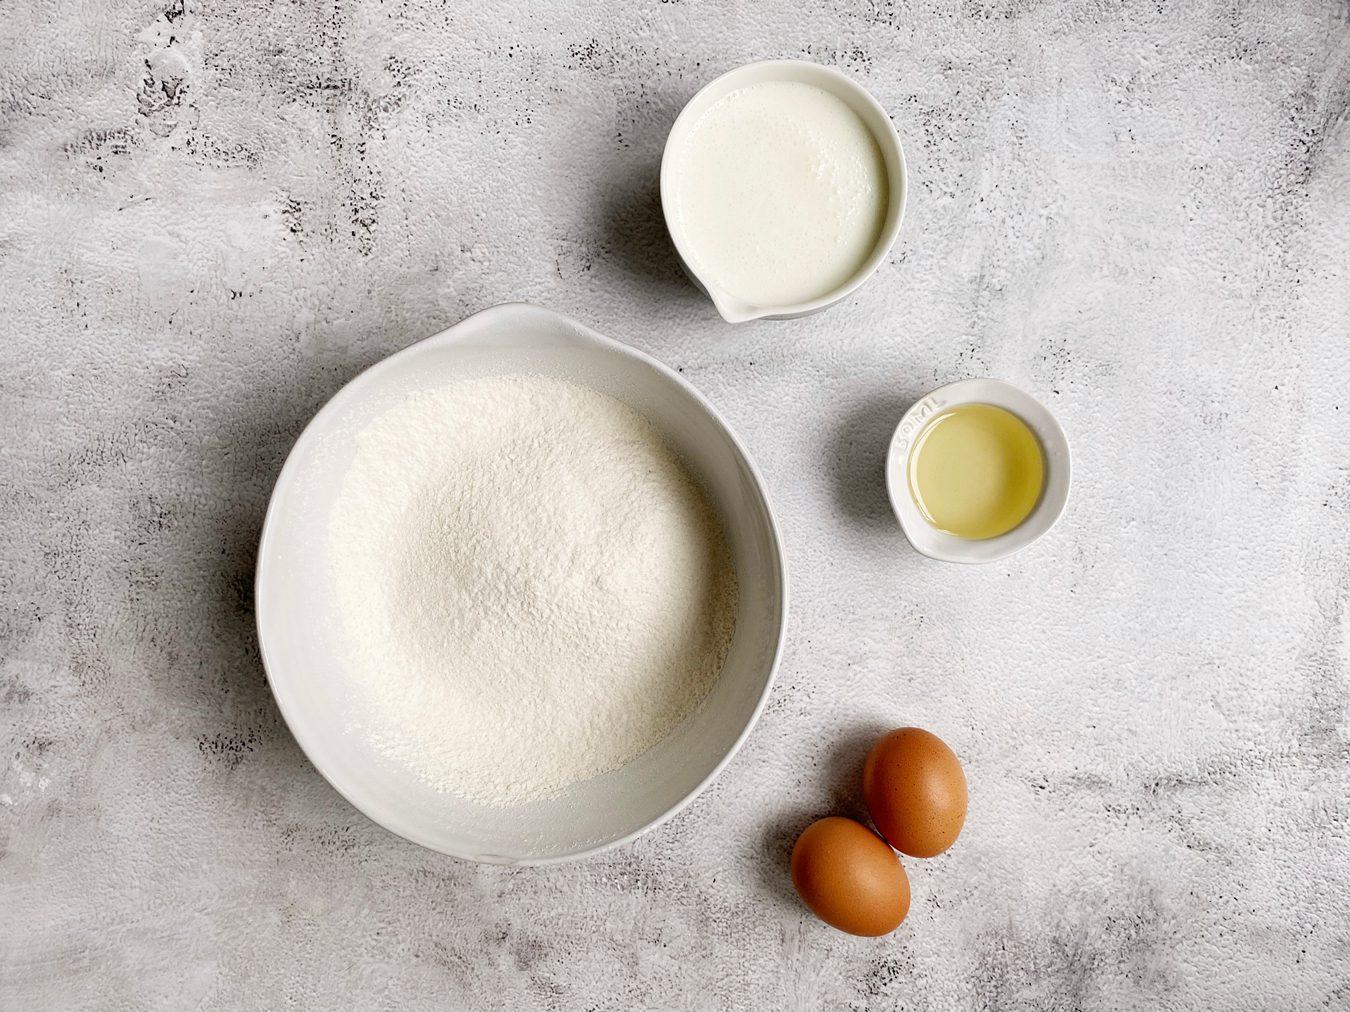 Alle droge ingrediënten voor American pancakes gemengd.